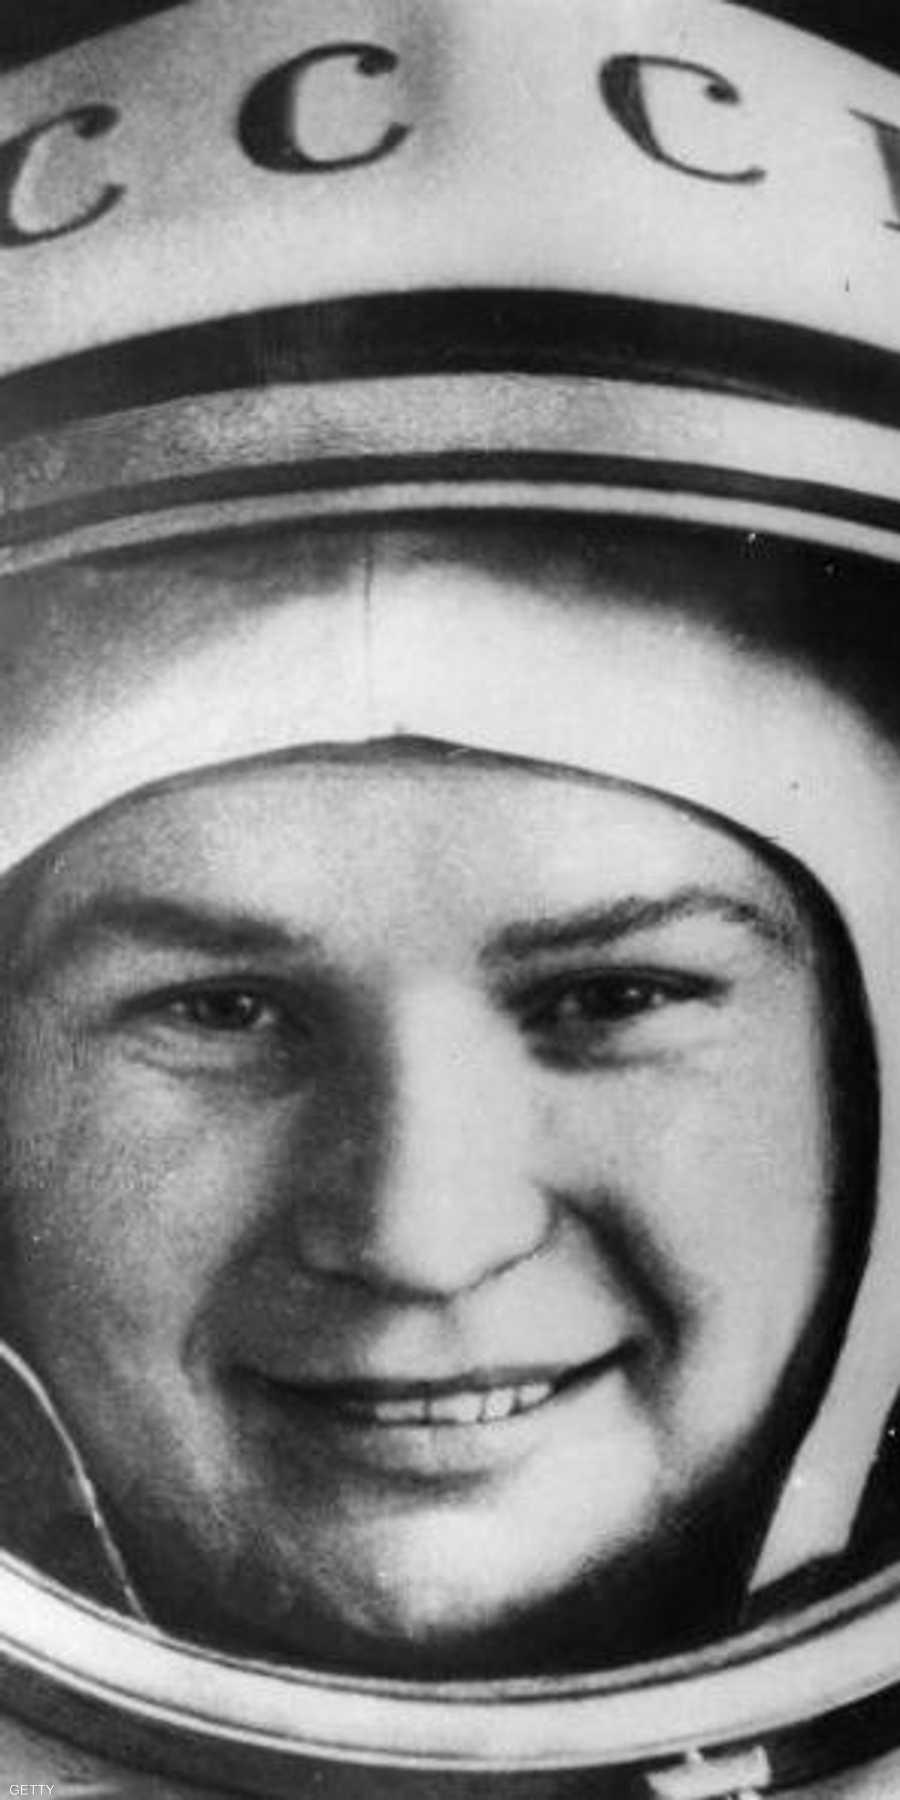 فالنتينا تريشكوفا أول امرأة تسافر للفضاء والأولى لوحدها